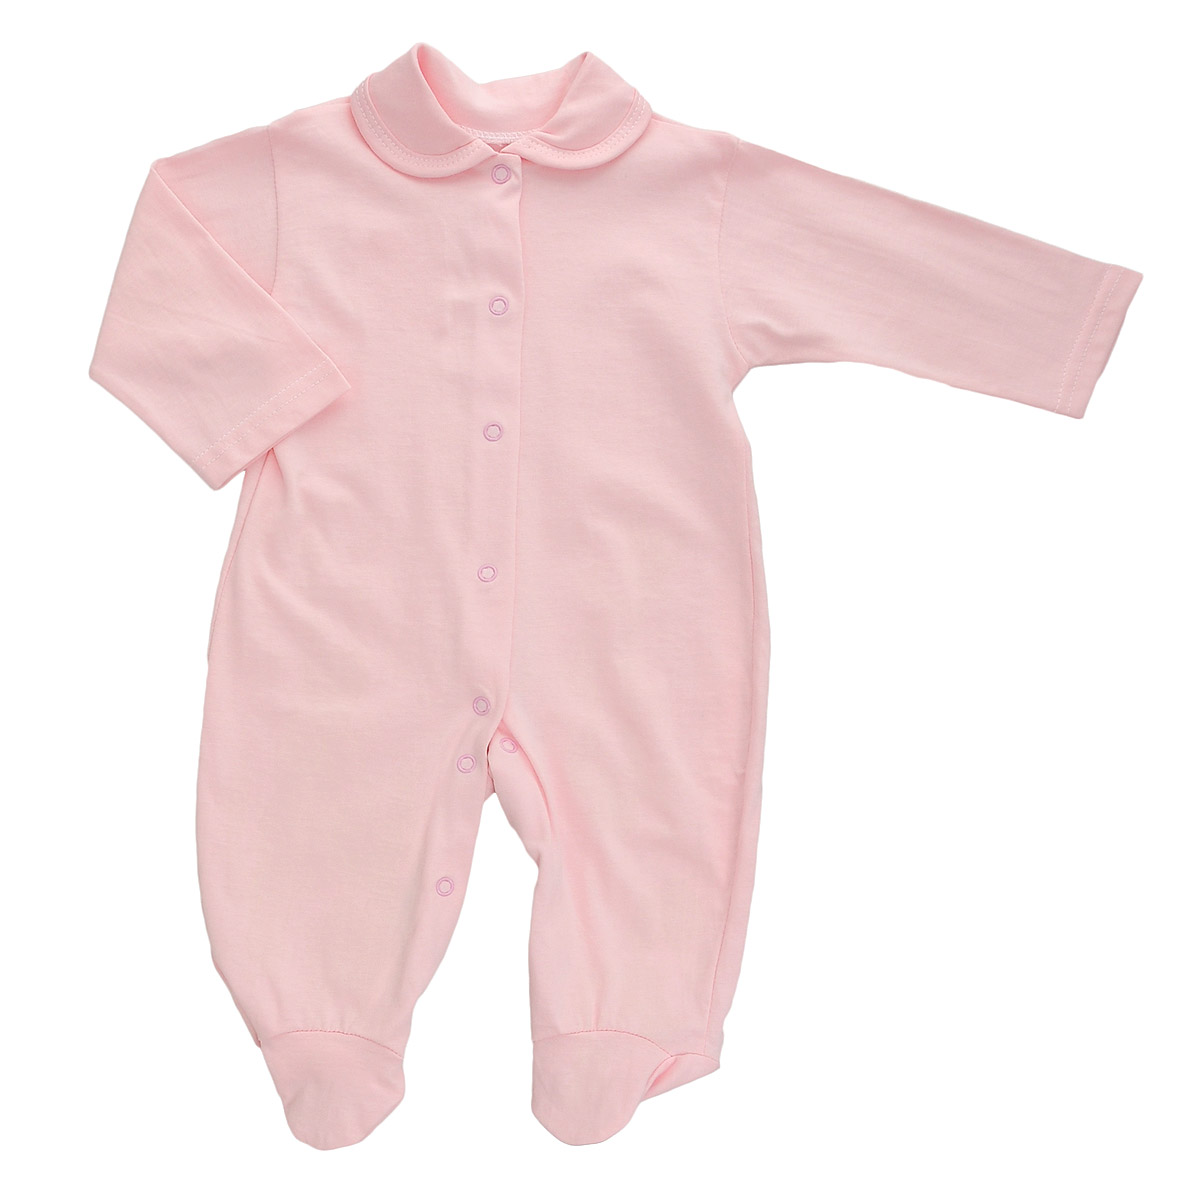 Комбинезон детский Трон-Плюс, цвет: розовый. 5805. Размер 74, 9 месяцев5805Детский комбинезон Трон-Плюс - очень удобный и практичный вид одежды для малышей. Комбинезон выполнен из кулирного полотна - натурального хлопка, благодаря чему он необычайно мягкий и приятный на ощупь, не раздражает нежную кожу ребенка, и хорошо вентилируются, а эластичные швы приятны телу малыша и не препятствуют его движениям. Комбинезон с длинными рукавами, закрытыми ножками и отложным воротничком имеет застежки-кнопки от горловины до щиколоток, которые помогают легко переодеть младенца или сменить подгузник. С детским комбинезоном спинка и ножки вашего малыша всегда будут в тепле, он идеален для использования днем и незаменим ночью. Комбинезон полностью соответствует особенностям жизни младенца в ранний период, не стесняя и не ограничивая его в движениях!